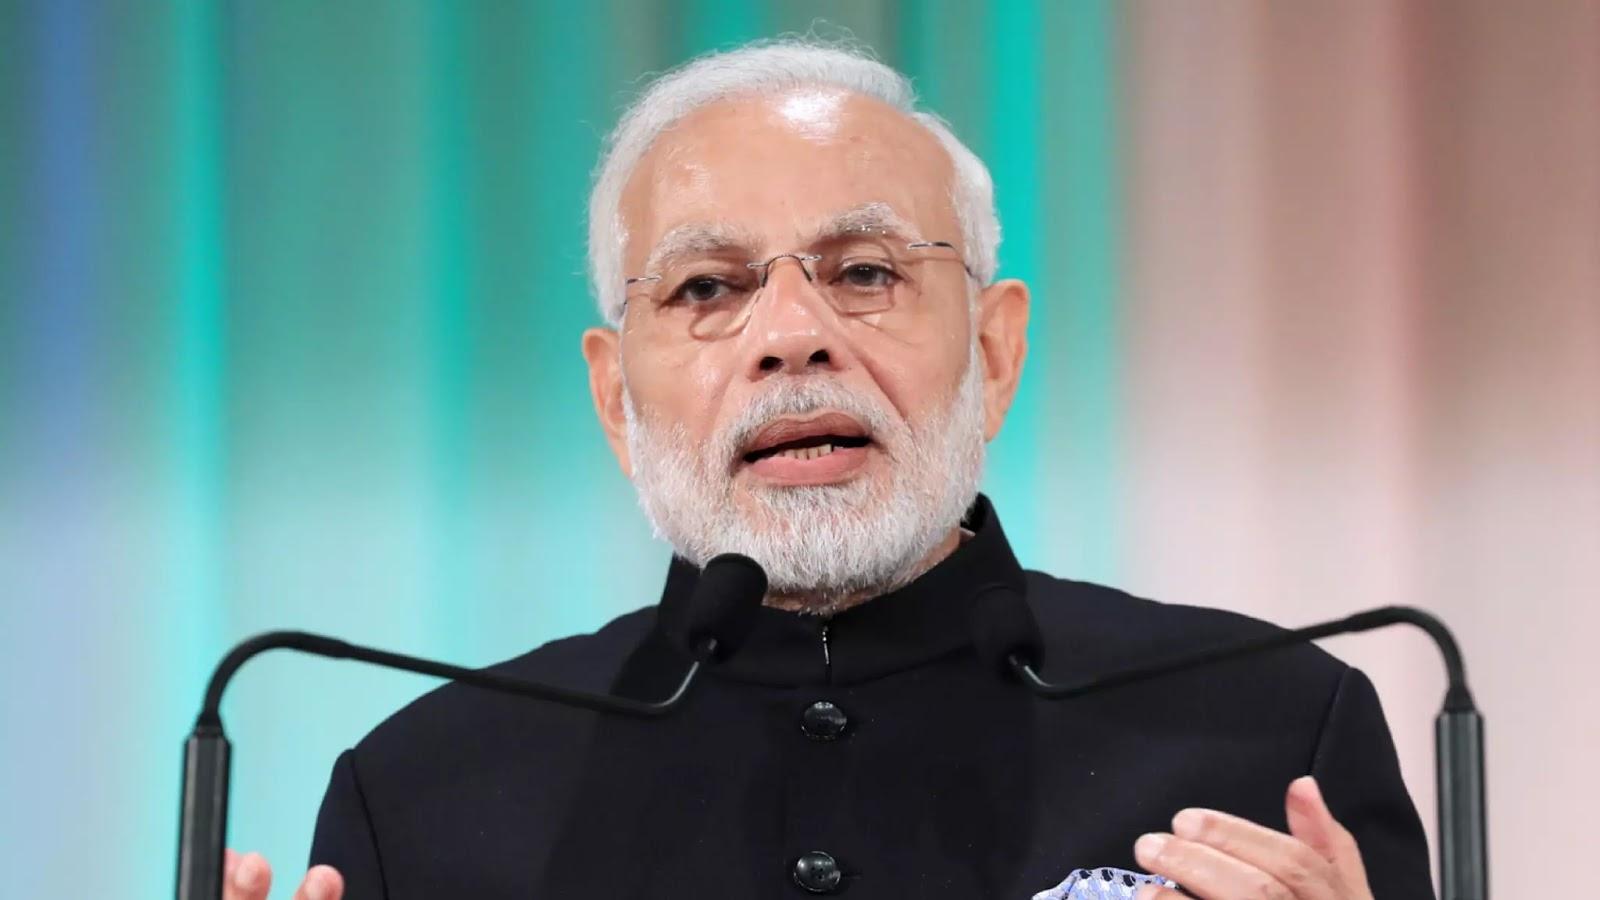 पीएम मोदी ने बताया- लो अर्थ ऑर्बिट में सैटेलाइट को मारकर दुनिया की चौथी महाशक्ति बना भारत